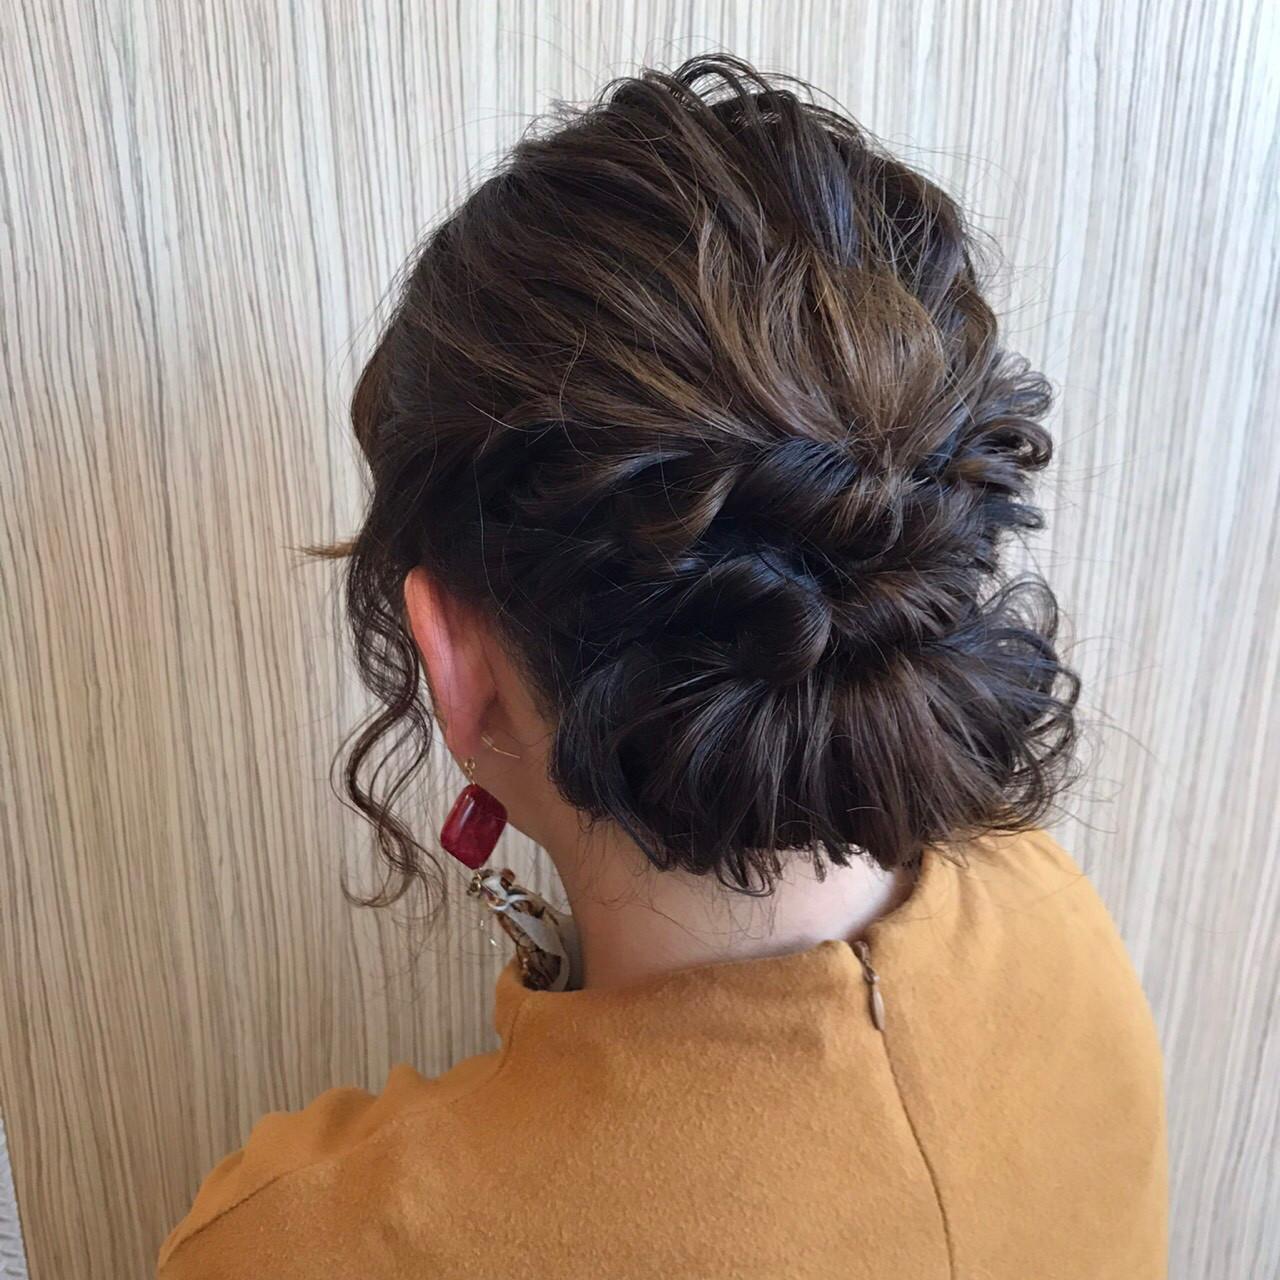 波ウェーブ ミディアム 上品 パーティ ヘアスタイルや髪型の写真・画像